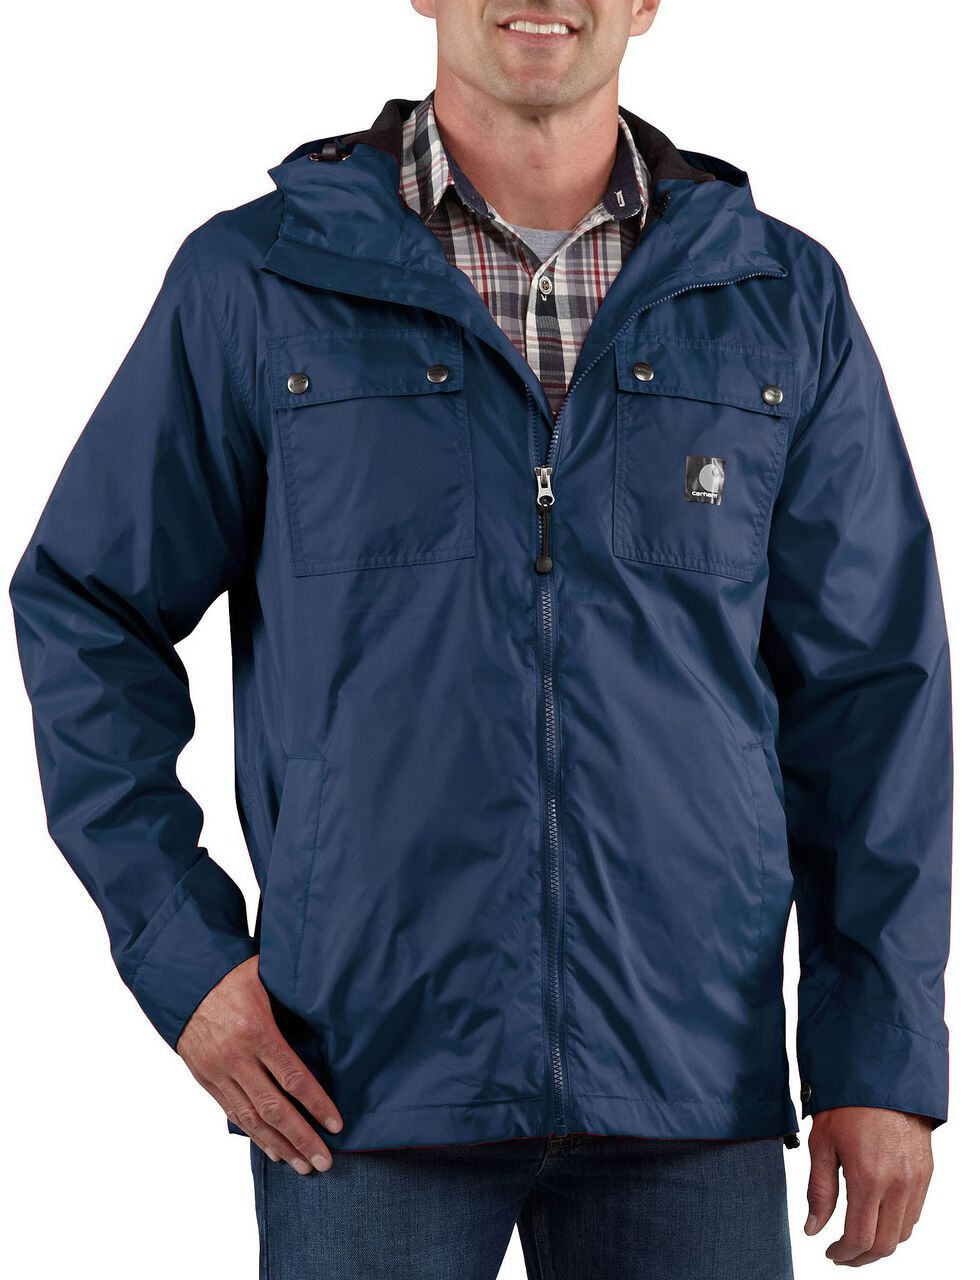 Carhartt Rockford Nylon Jacket - Big & Tall, Navy, hi-res